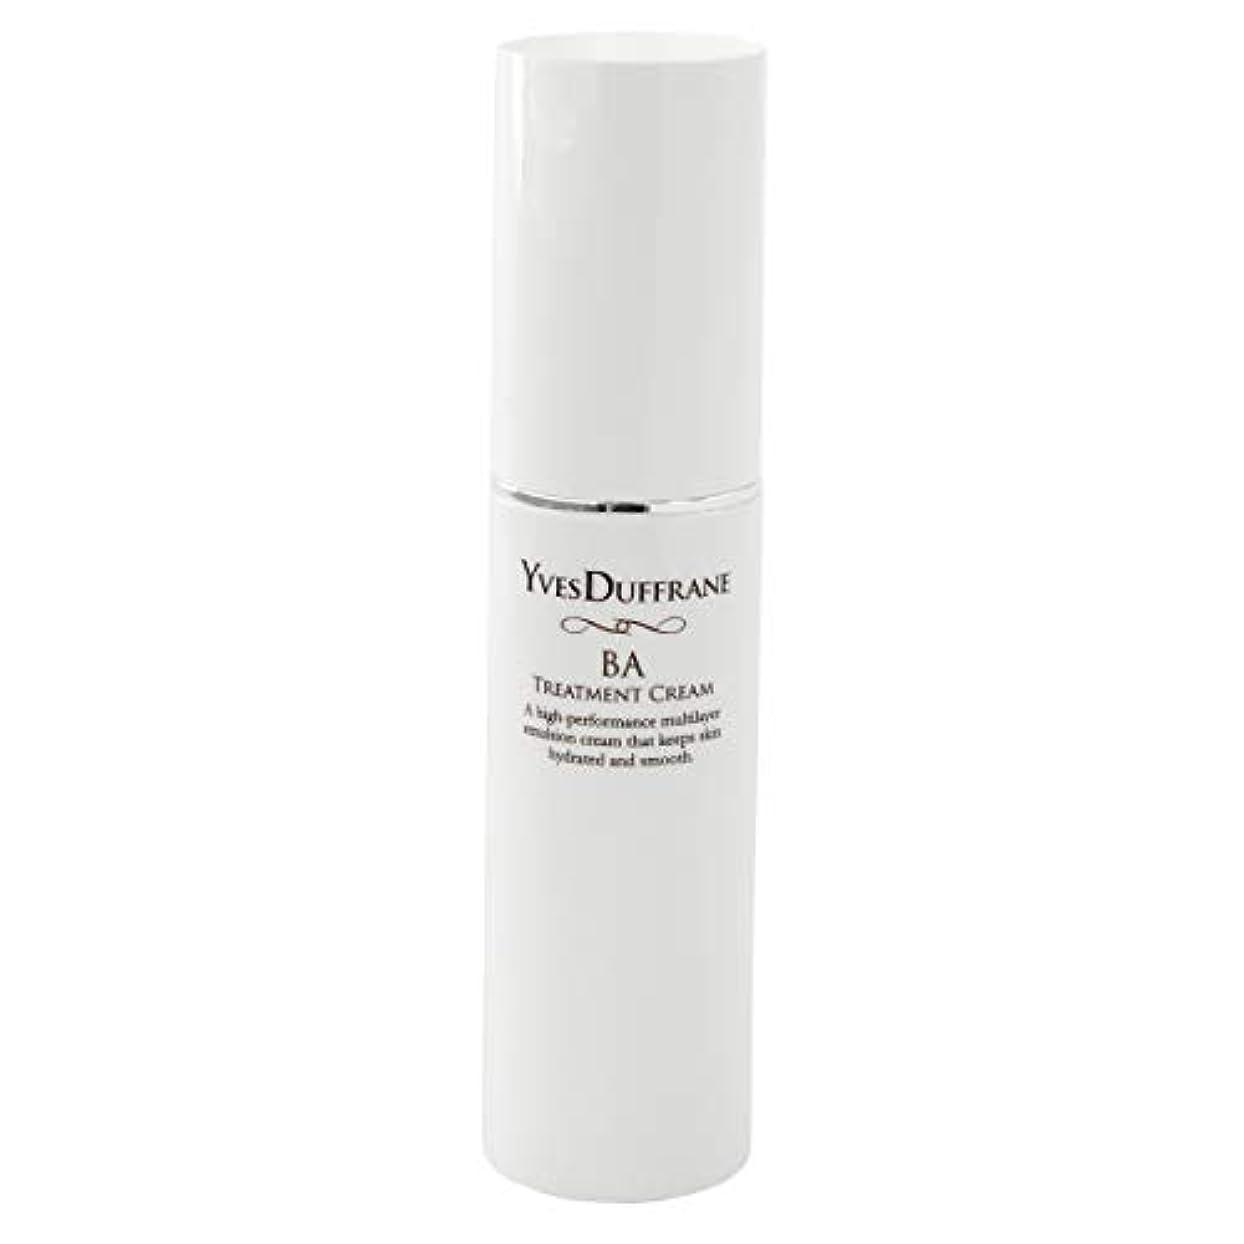 マイルストーンソート忠誠セラミド 美容クリーム [BAトリートメント クリーム ] 顔 目元 敏感肌 保湿 セラミド ビタミンC誘導体 バイオアンテージ配合